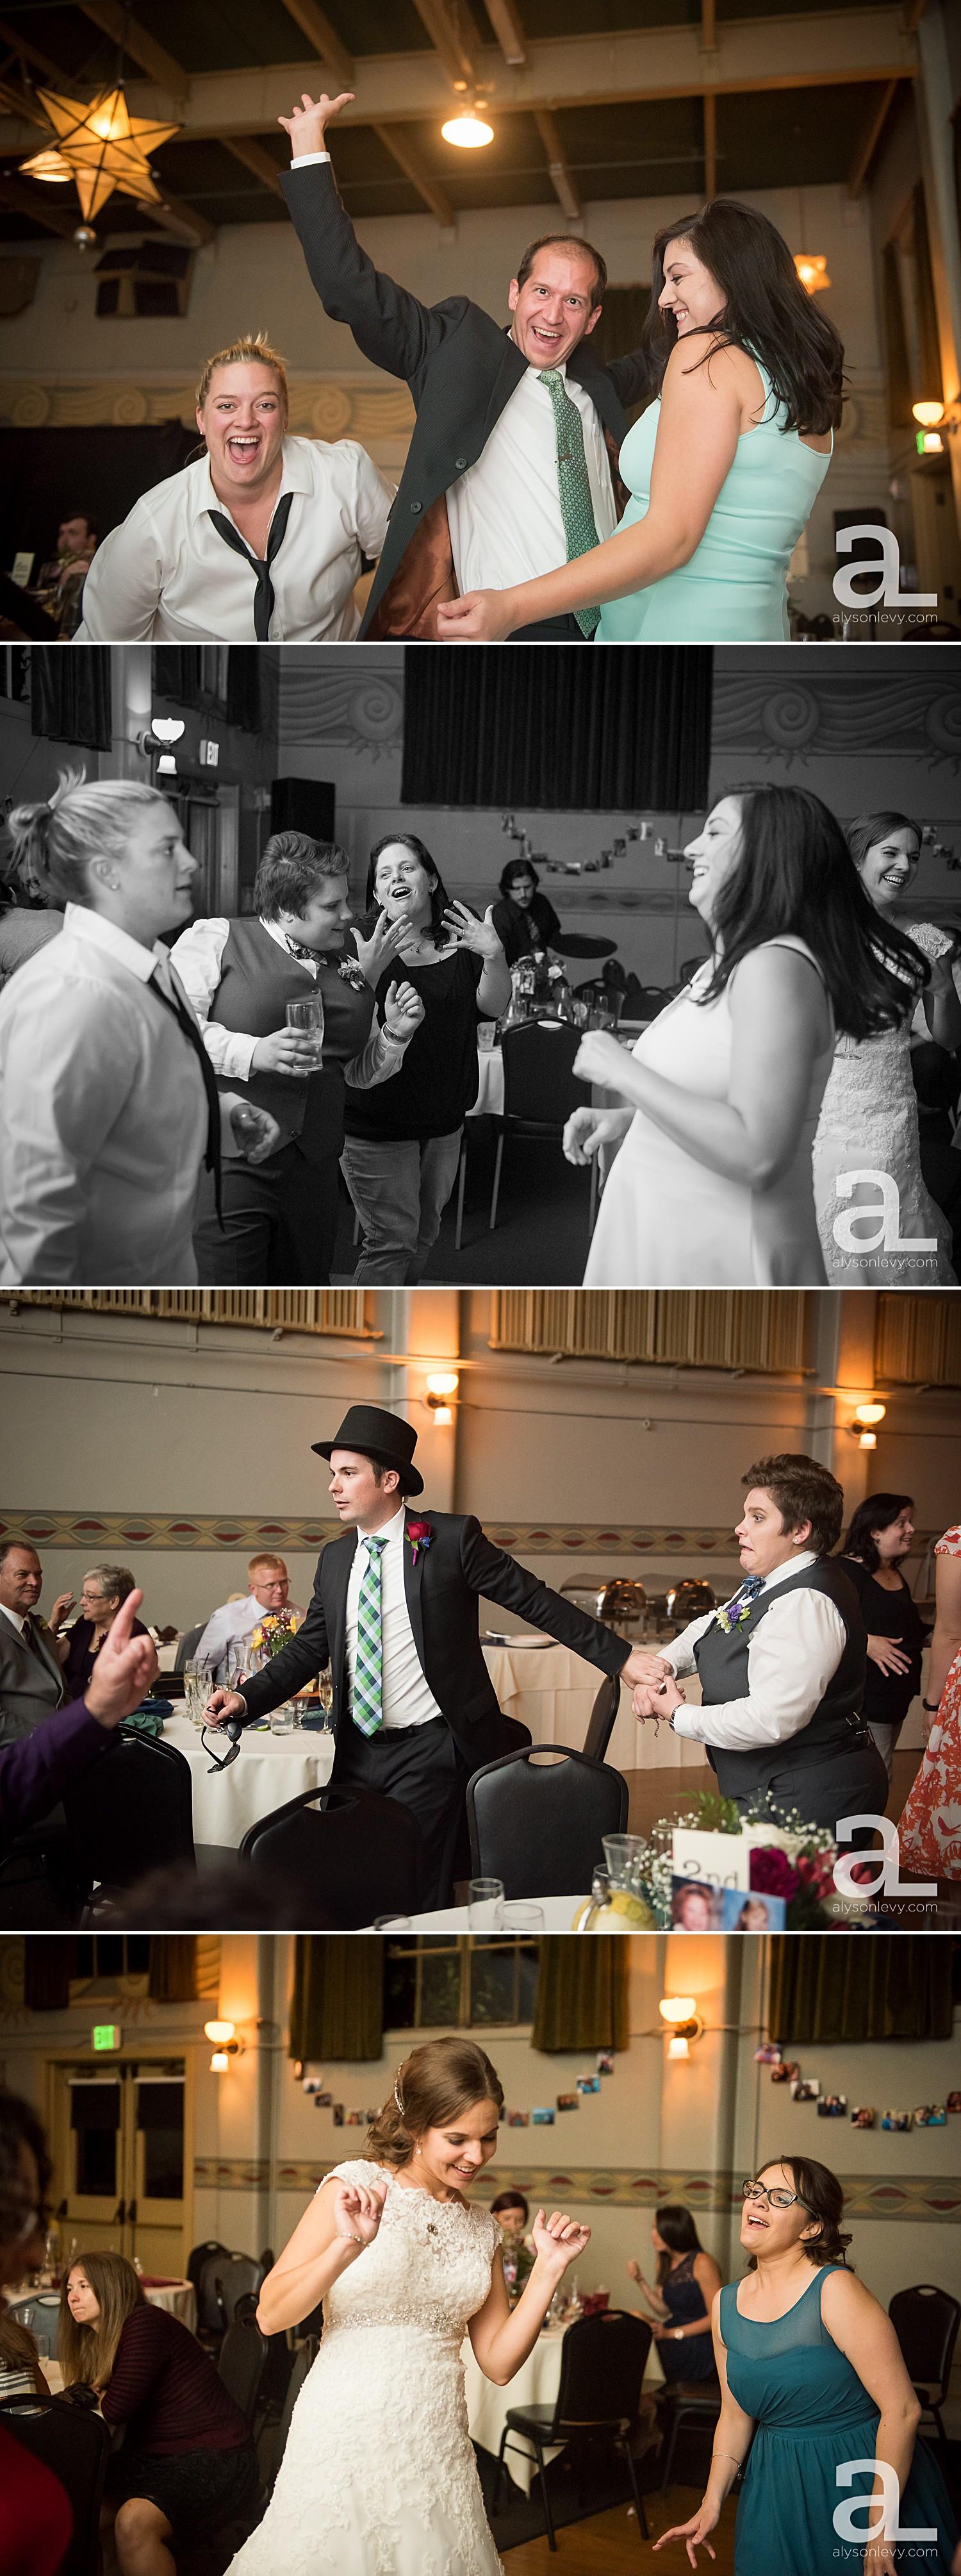 Portland-Kennedy-School-Gay-Wedding-Photography_0026.jpg